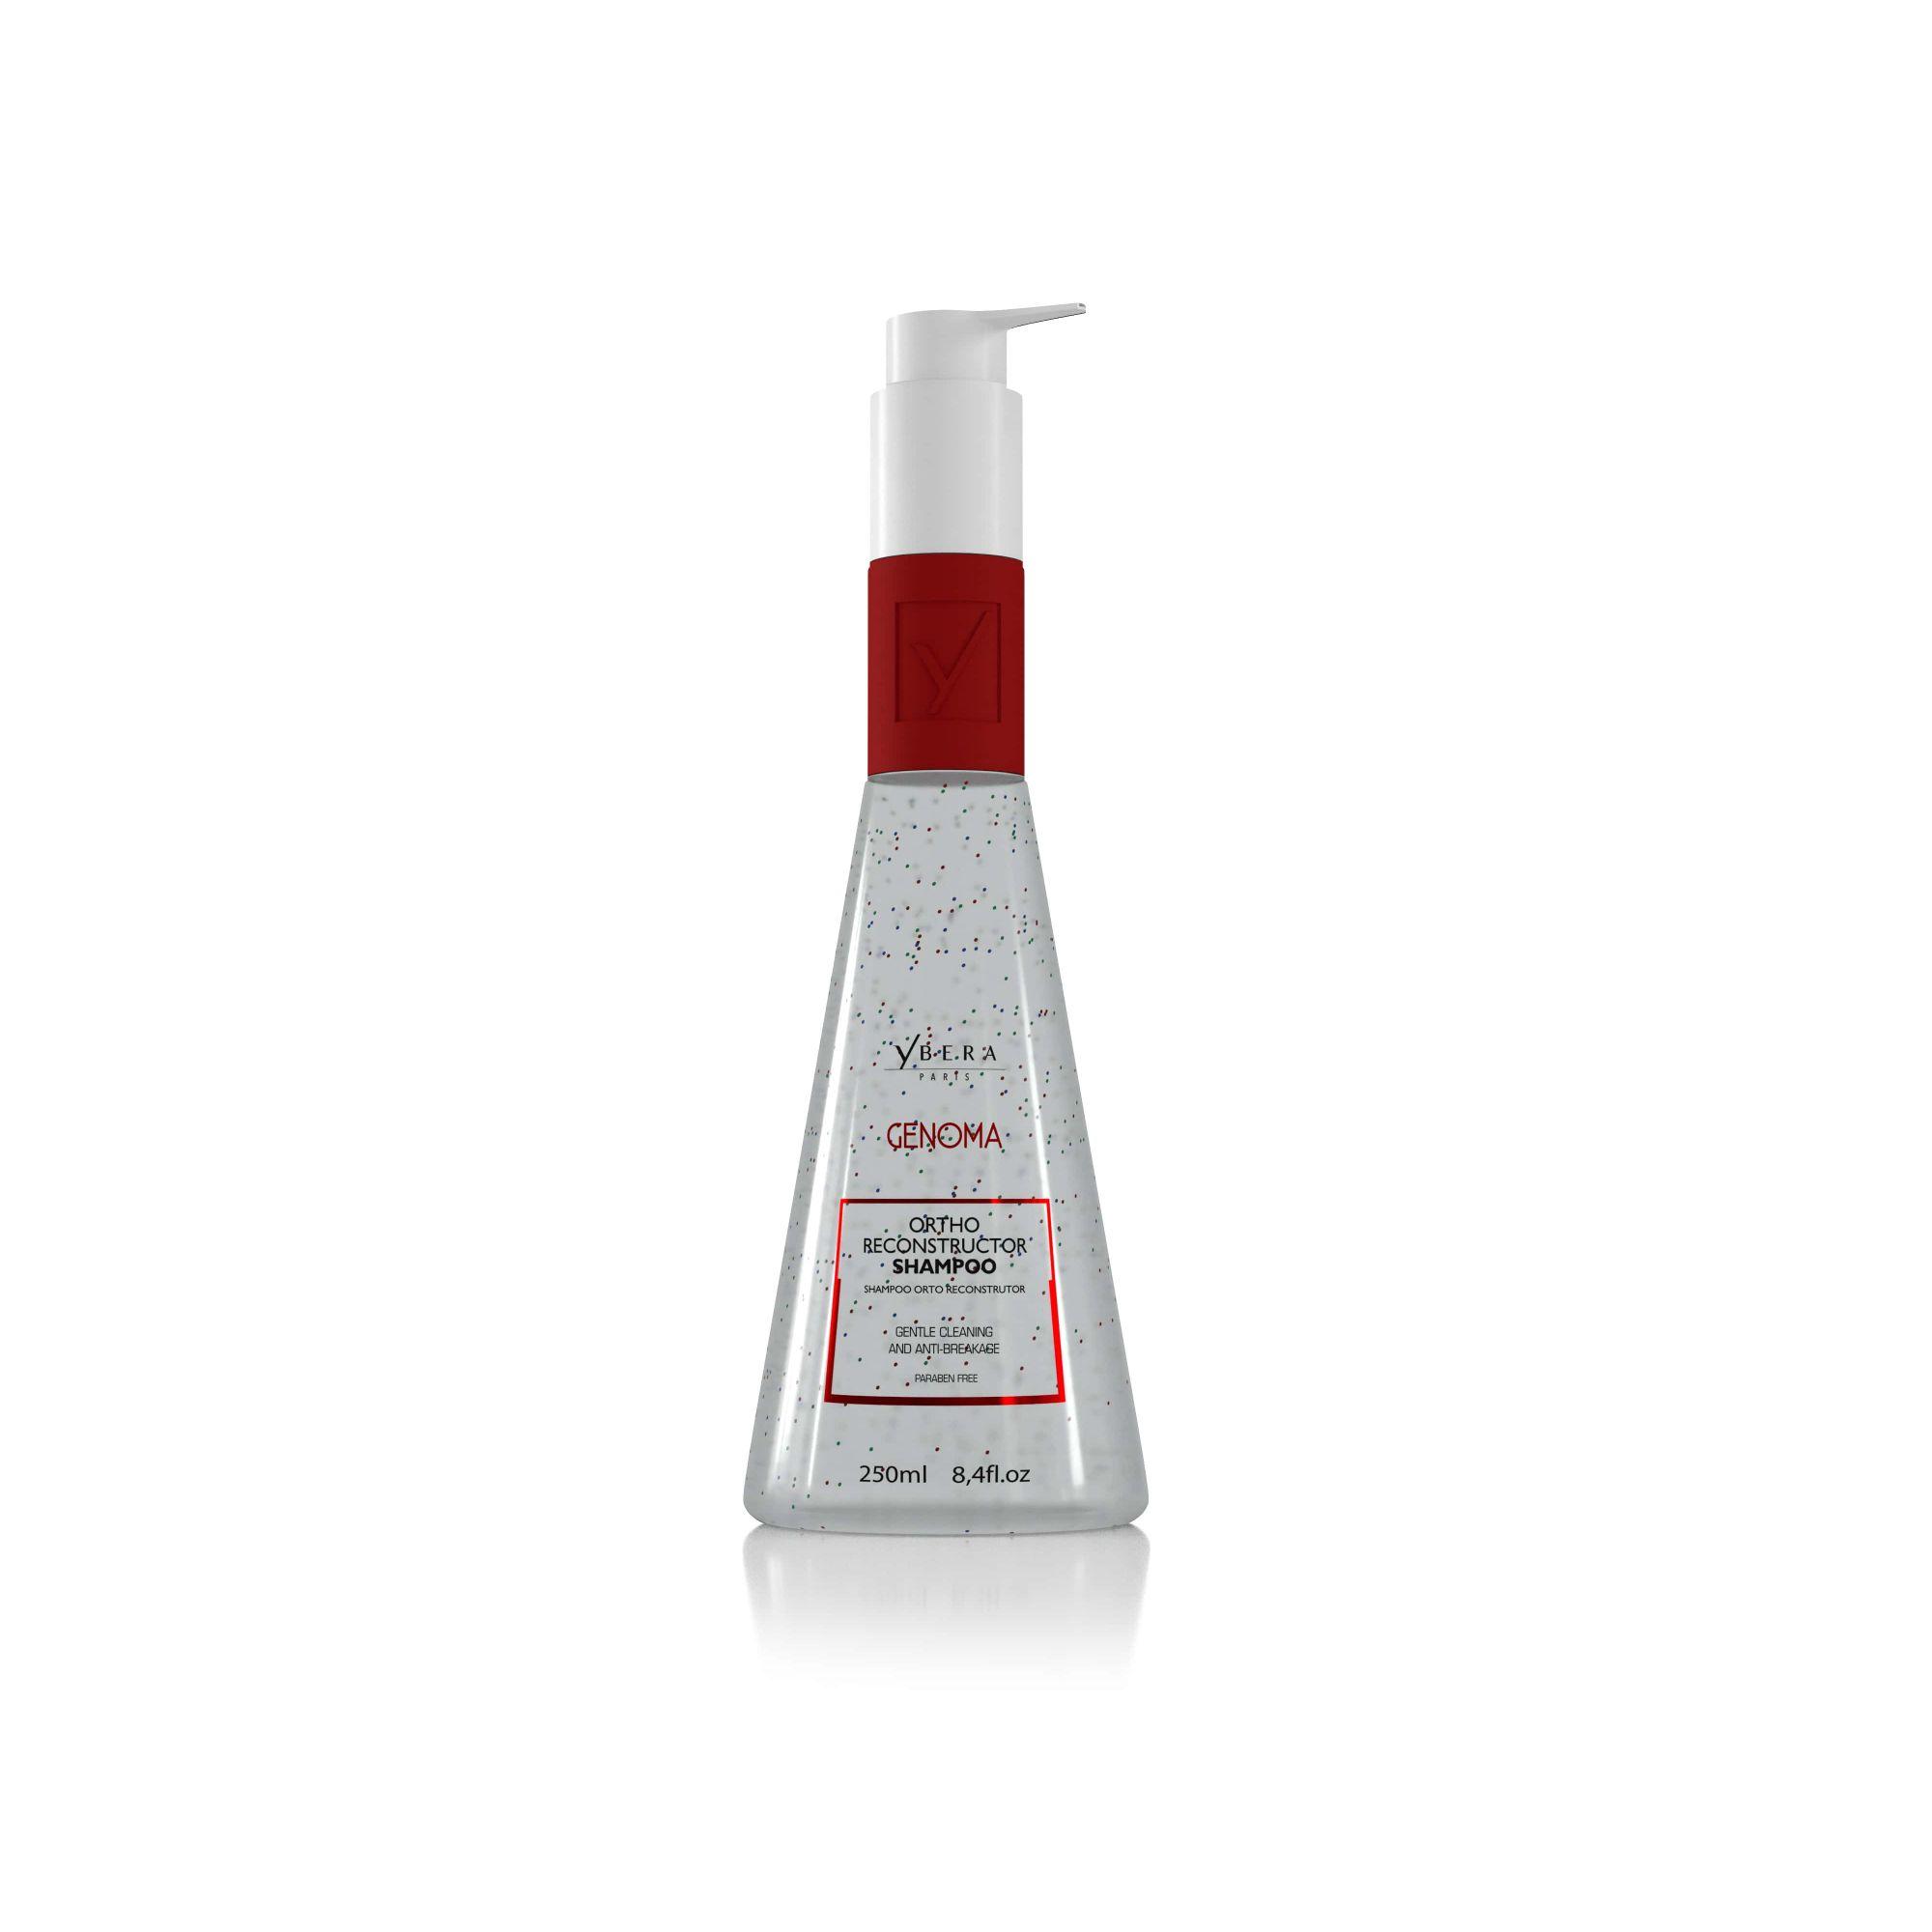 Shampoo Hidratante Manutenção Genoma Ybera Paris 250ml